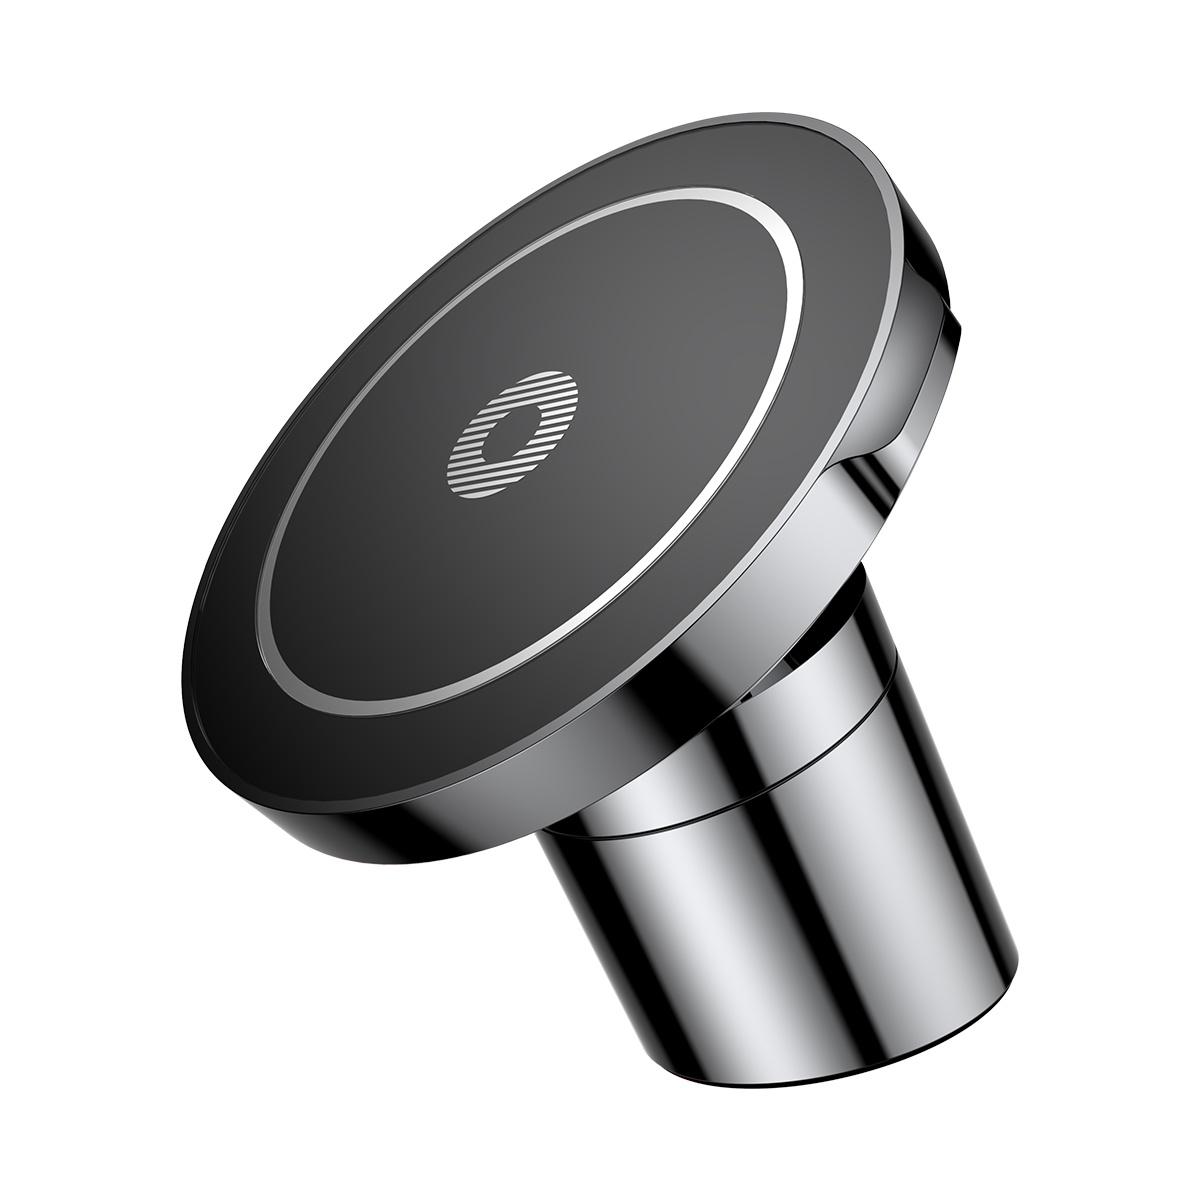 Фото - Магнитный автомобильный держатель с беспроводной зарядкой Big Ears Car Mount Wireless Charger - WXER-01 (Черный) автомобильная беспроводная зарядка держатель с сенсорным датчиком smart sensor car wireless charger r1